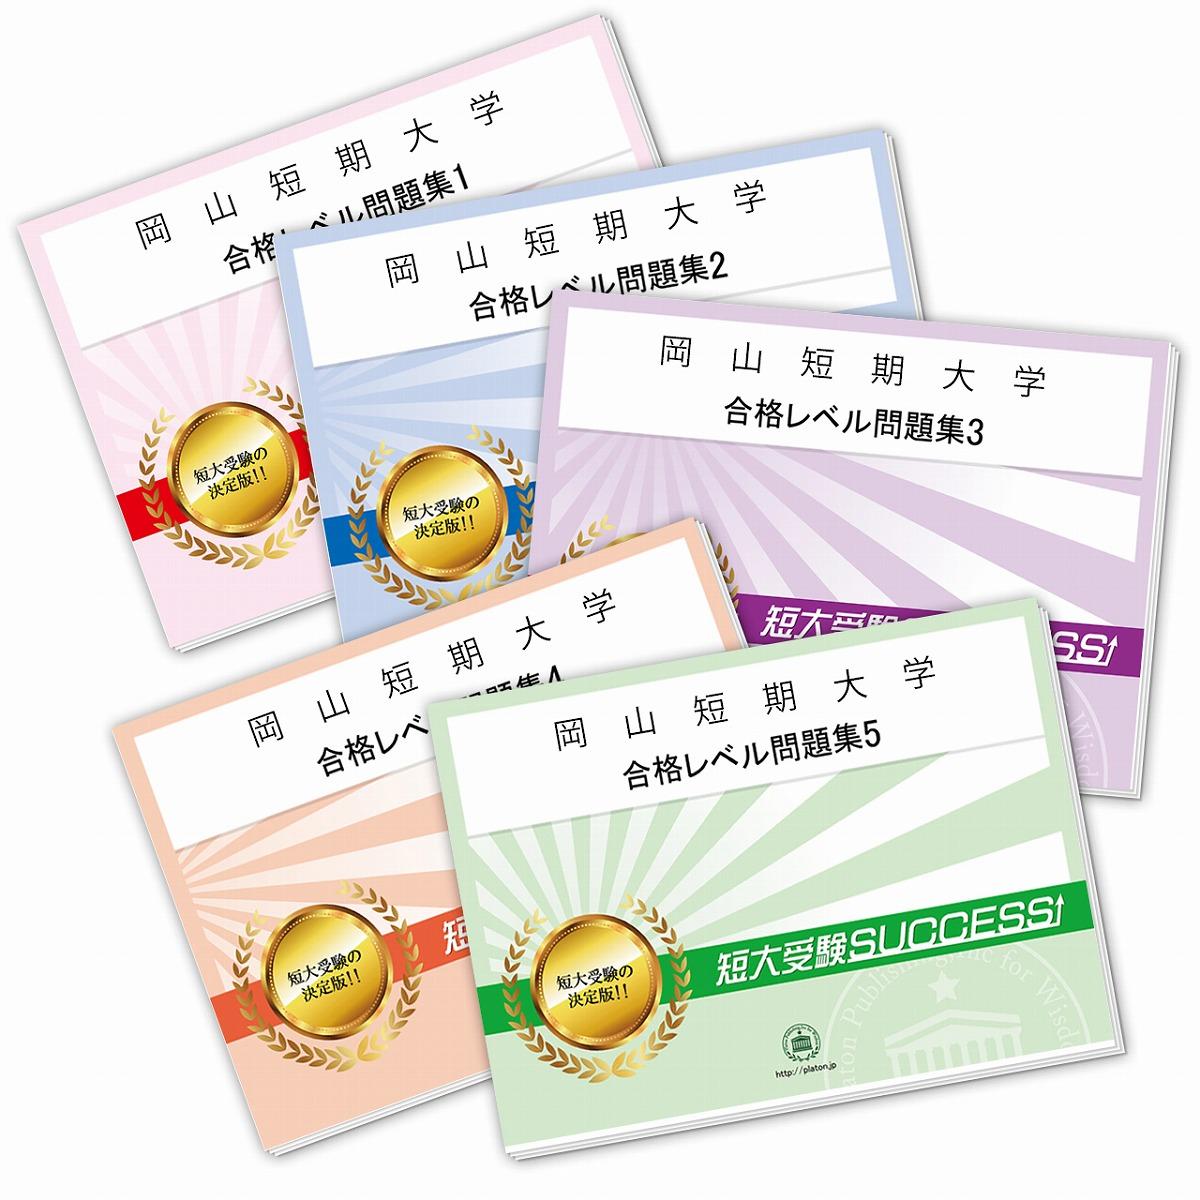 【送料・代引手数料無料】岡山短期大学受験合格セット(5冊)